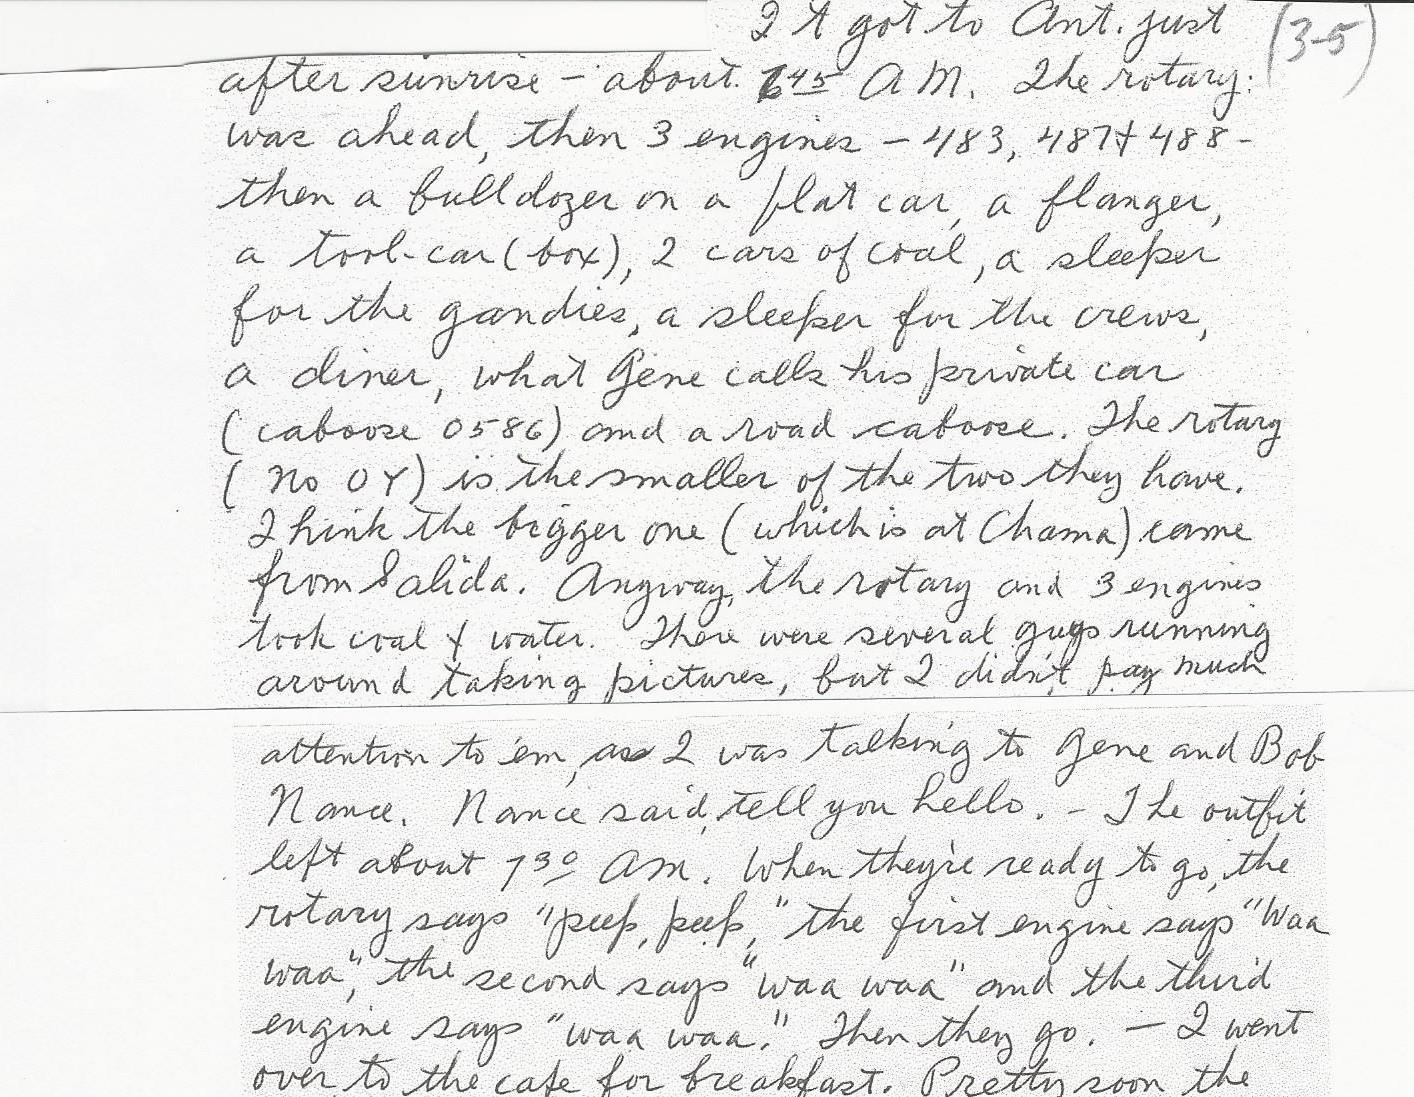 letter Mar 5 a.jpeg